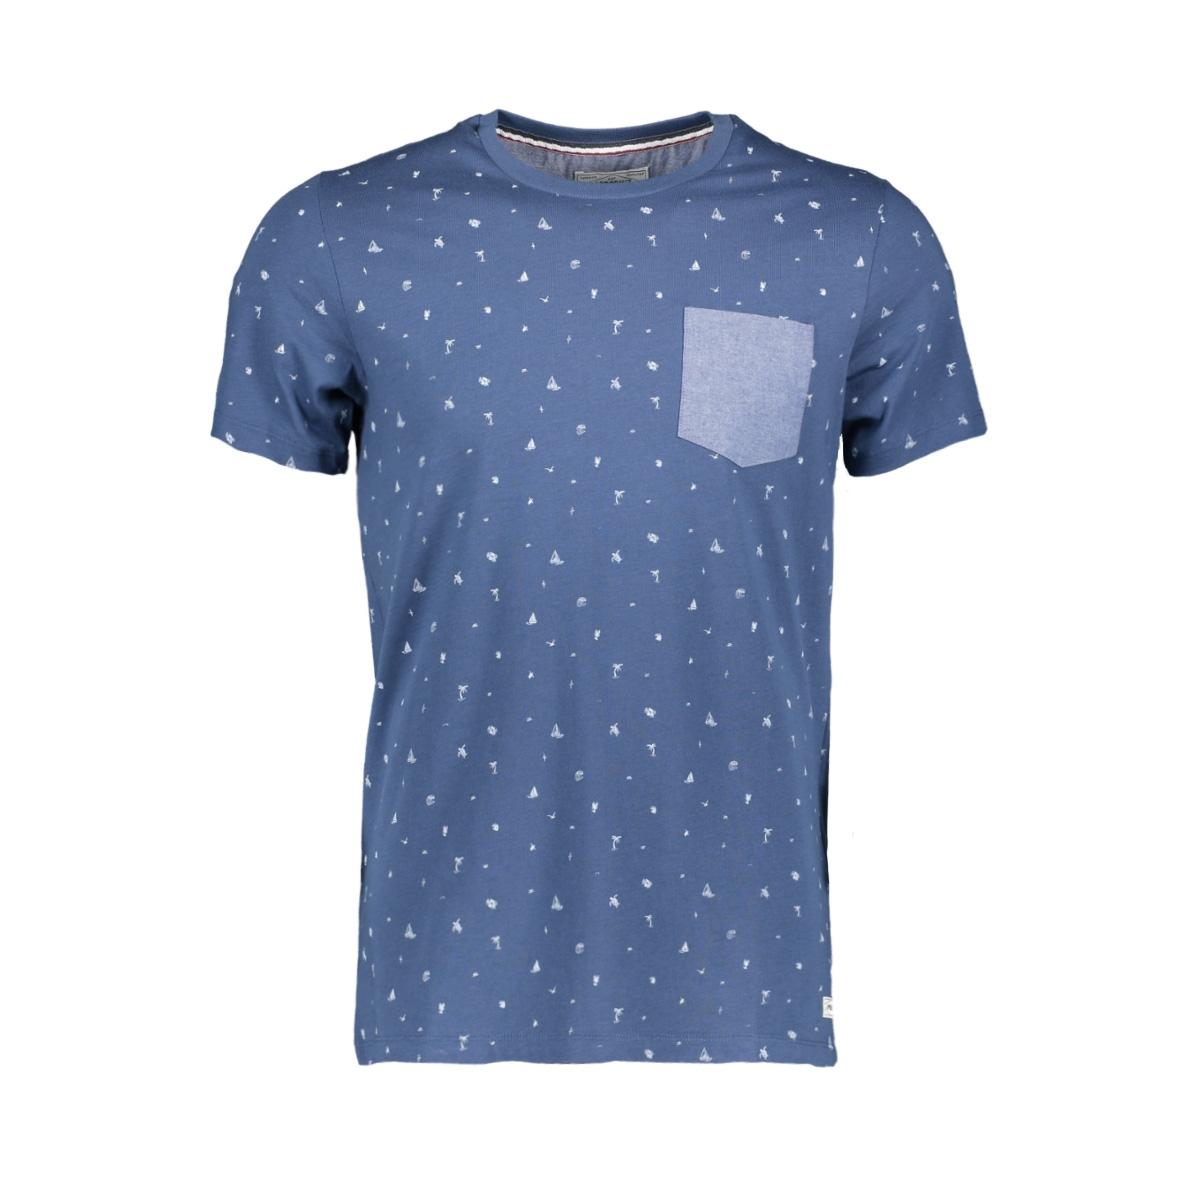 pktgms shore aop tee ss 12153664 produkt t-shirt dark denim